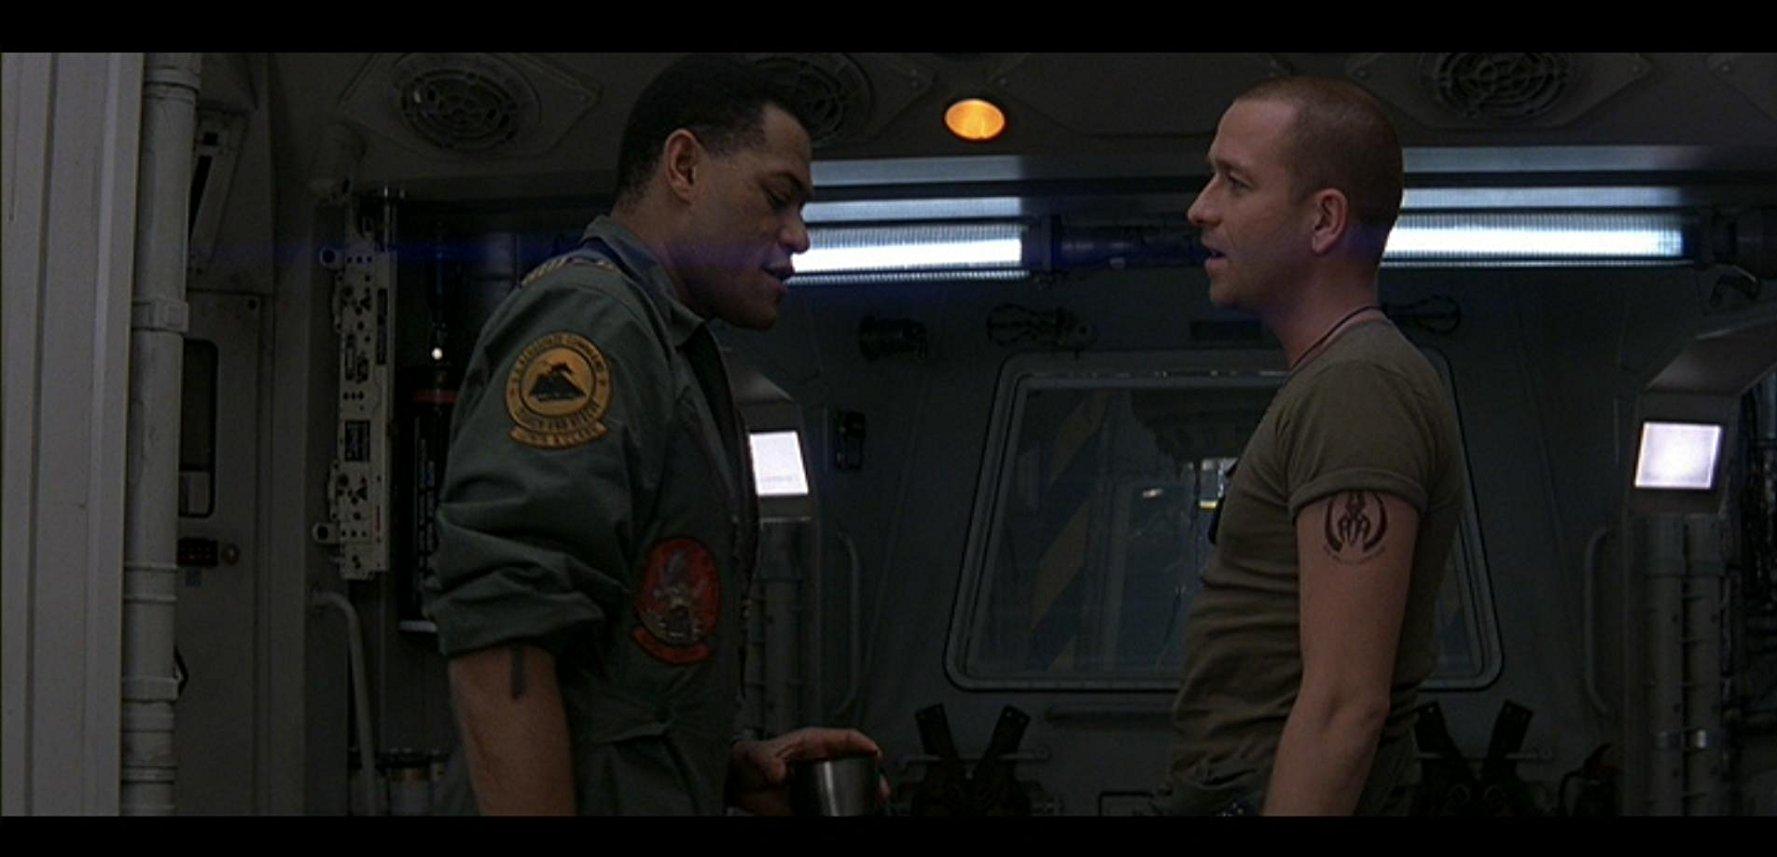 Captain Miller